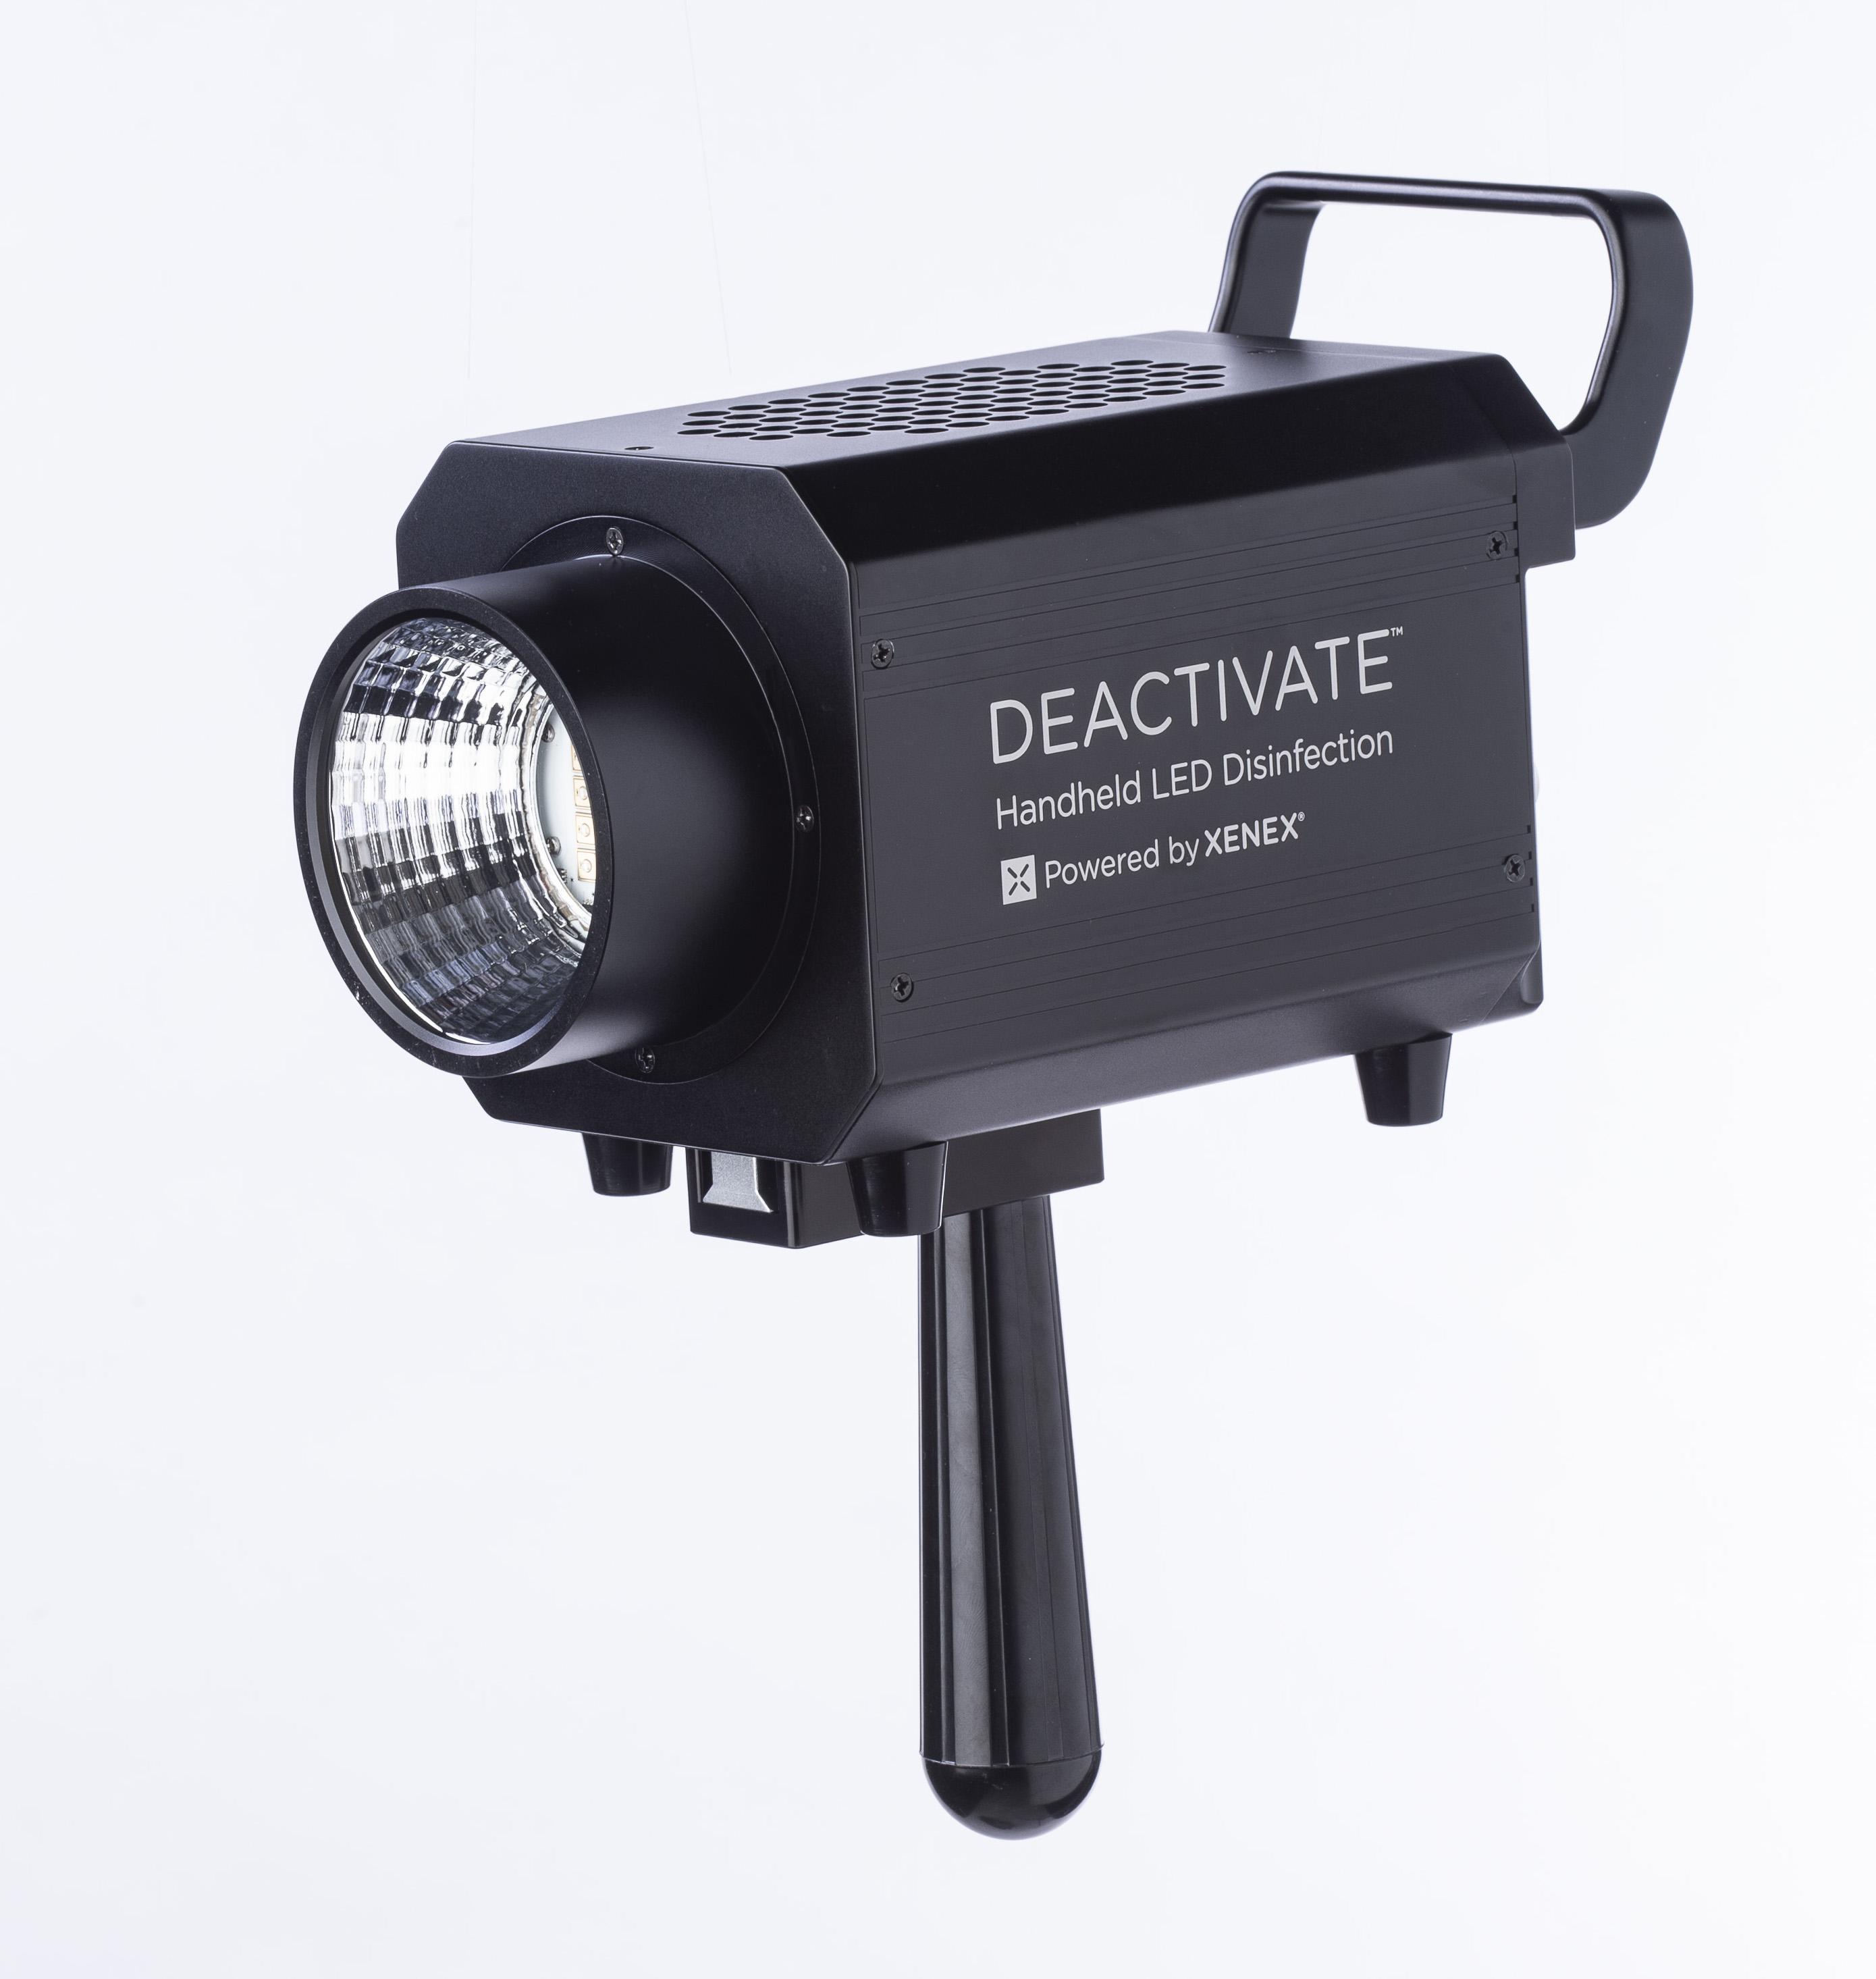 Xenex Deactivate handheld UV device